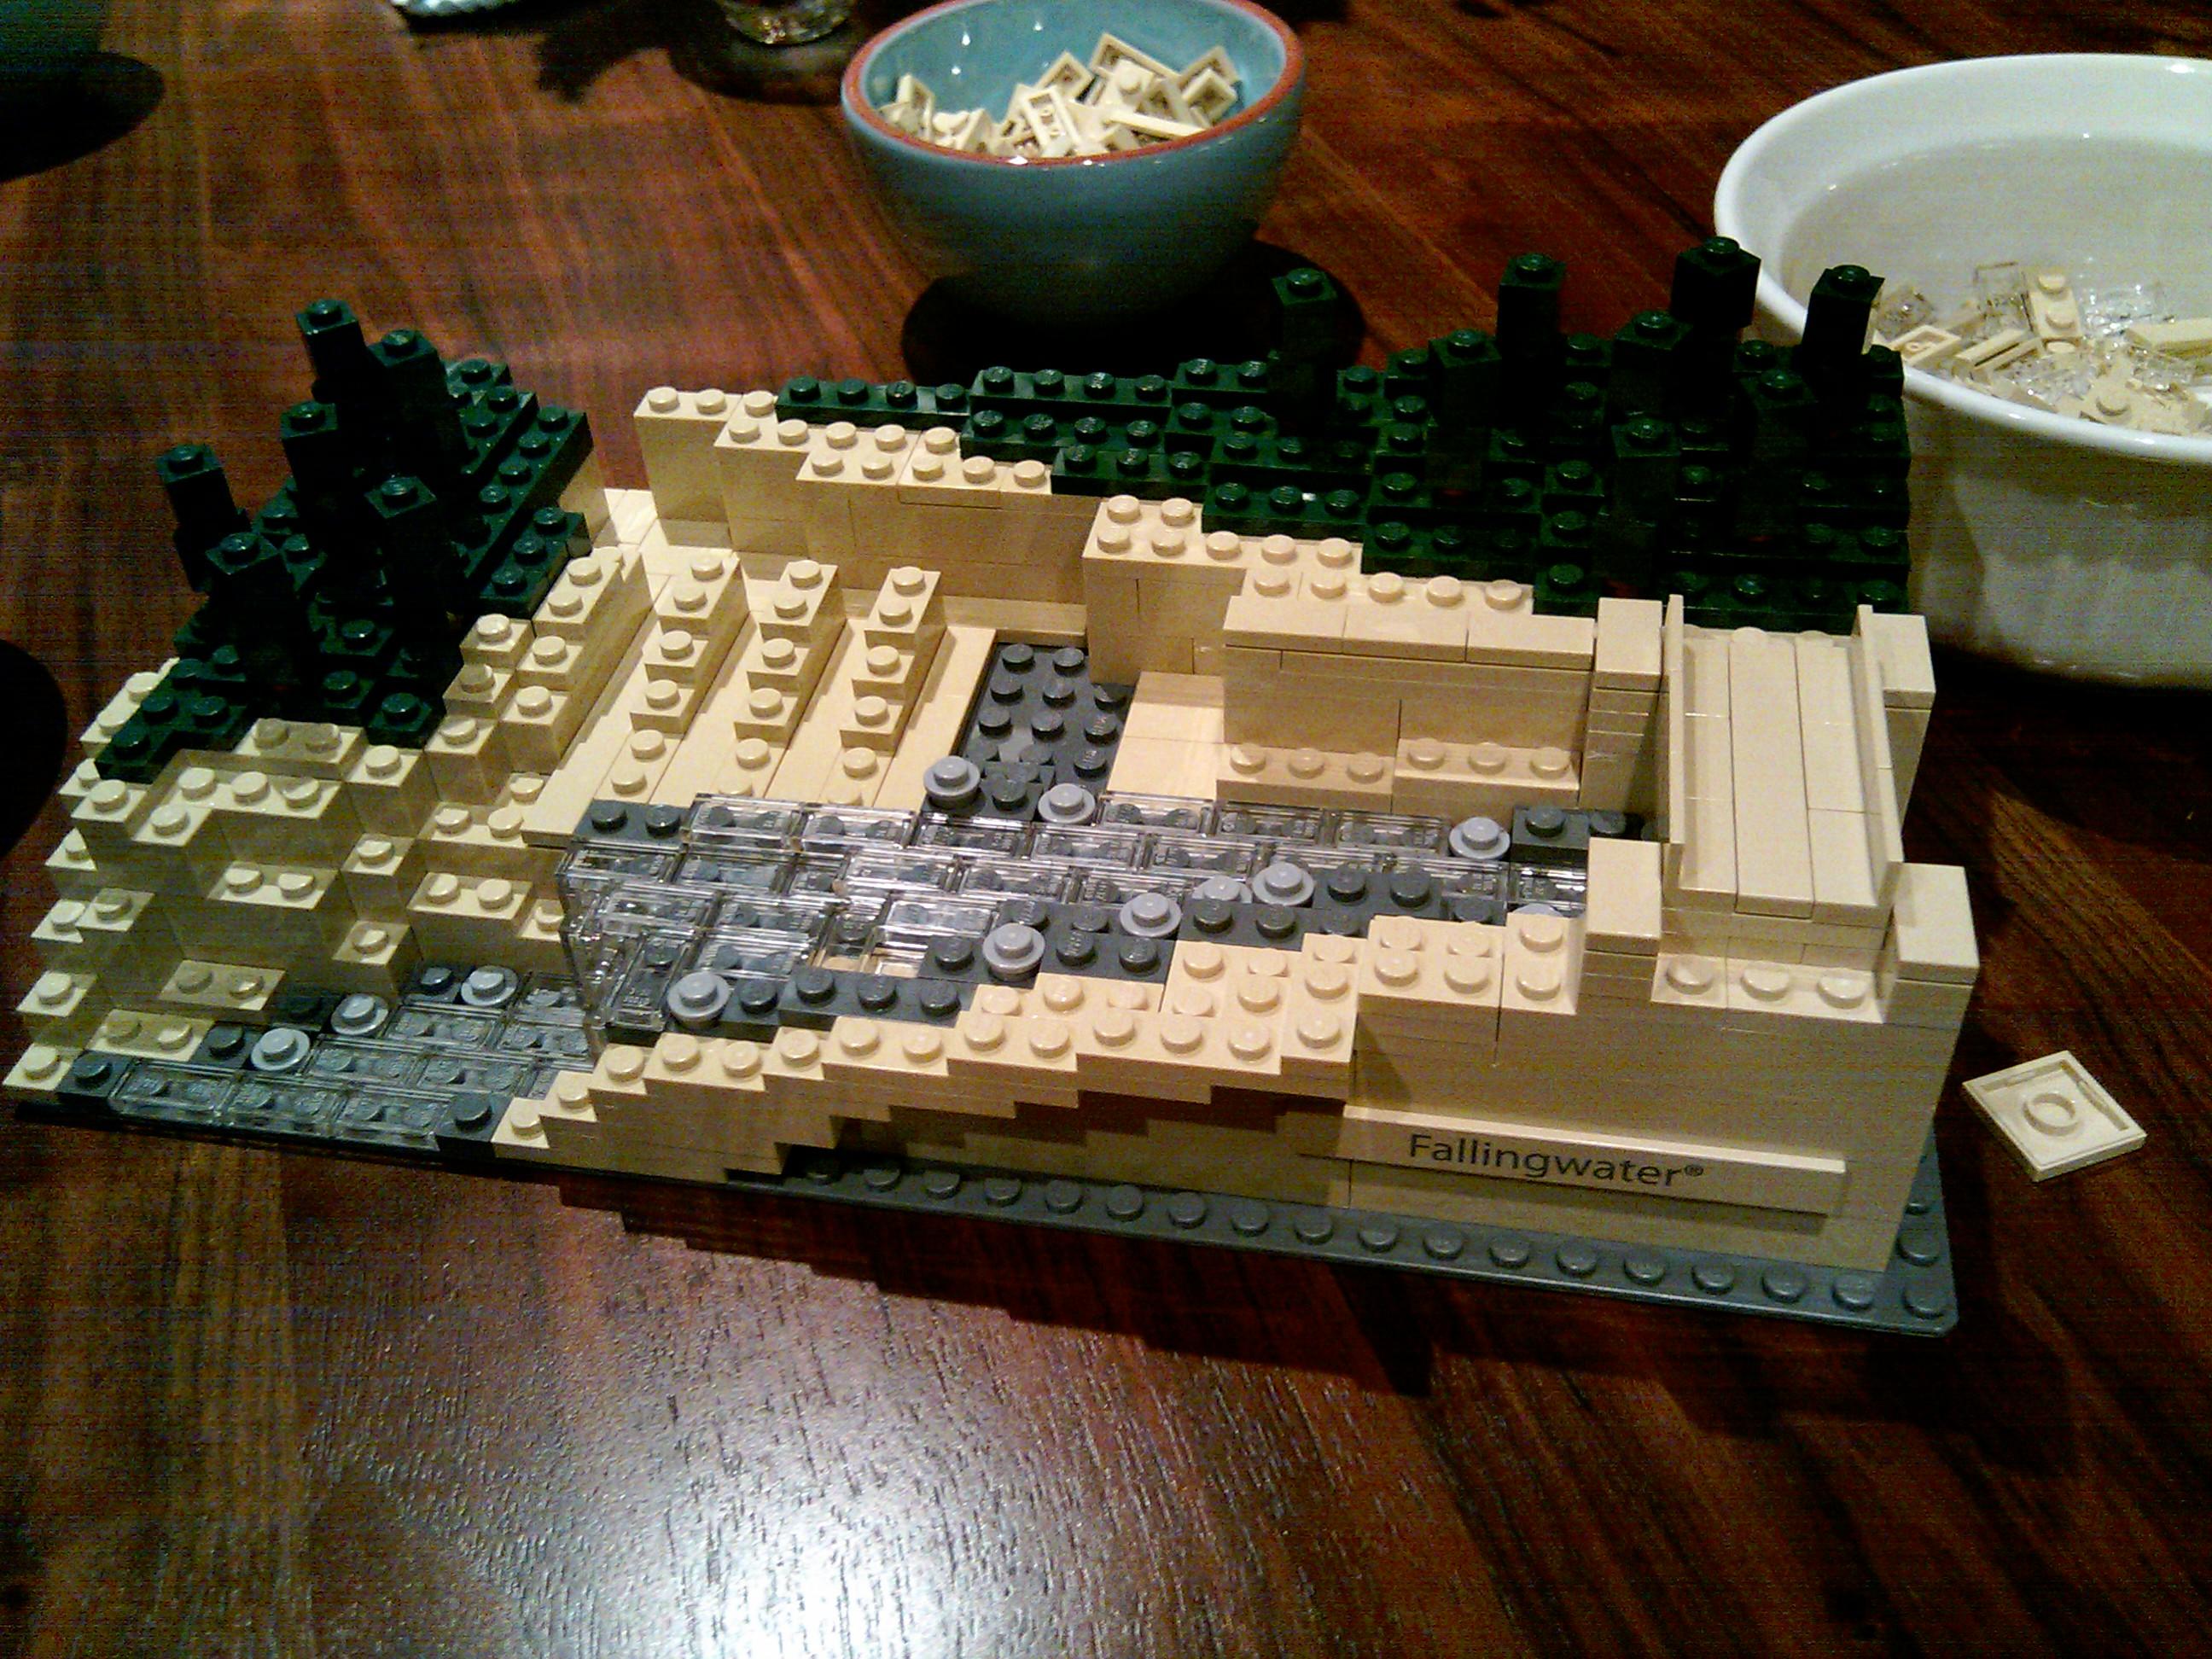 Falling water lego halfway matt on not wordpress - Falling waters lego ...